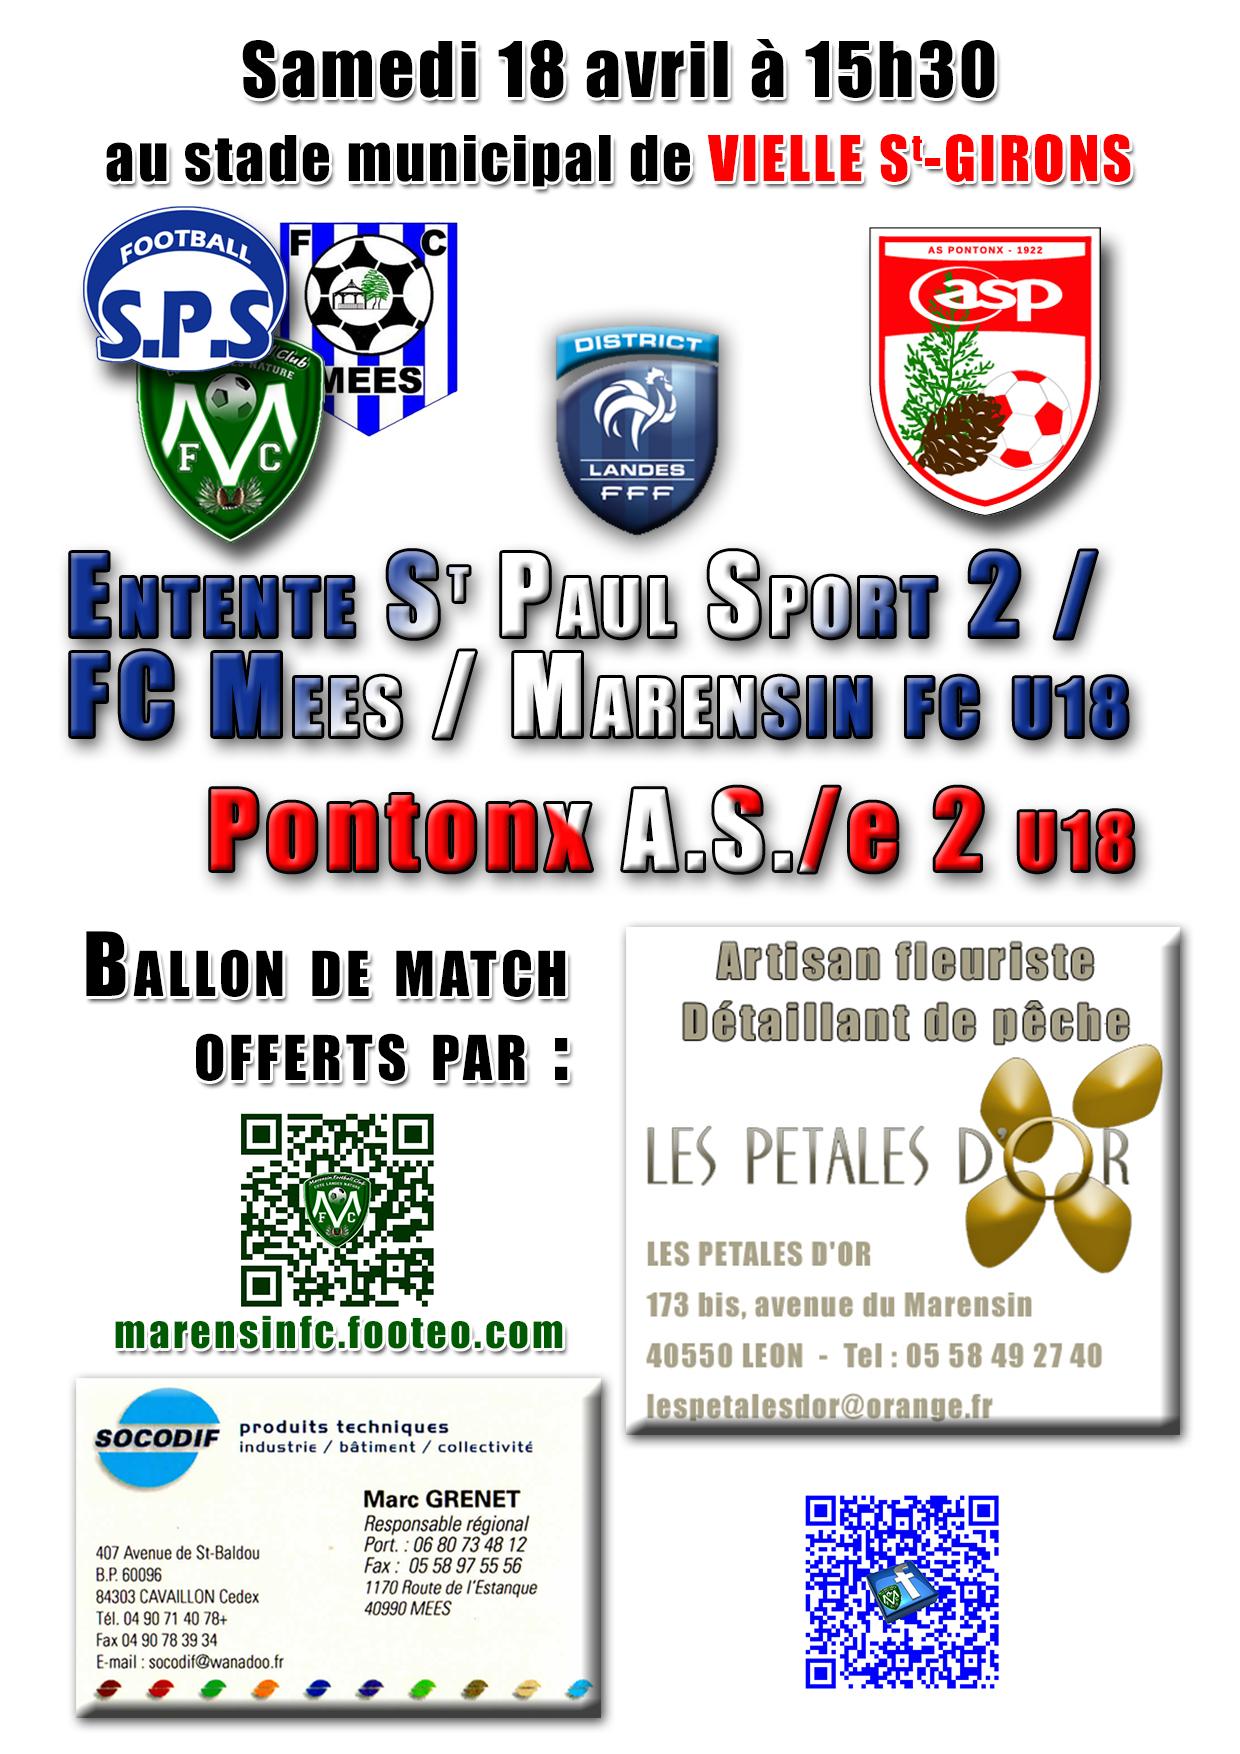 U18 match Samedi 18 avril à 15h30 à VIELLE SAINT-GIRONS